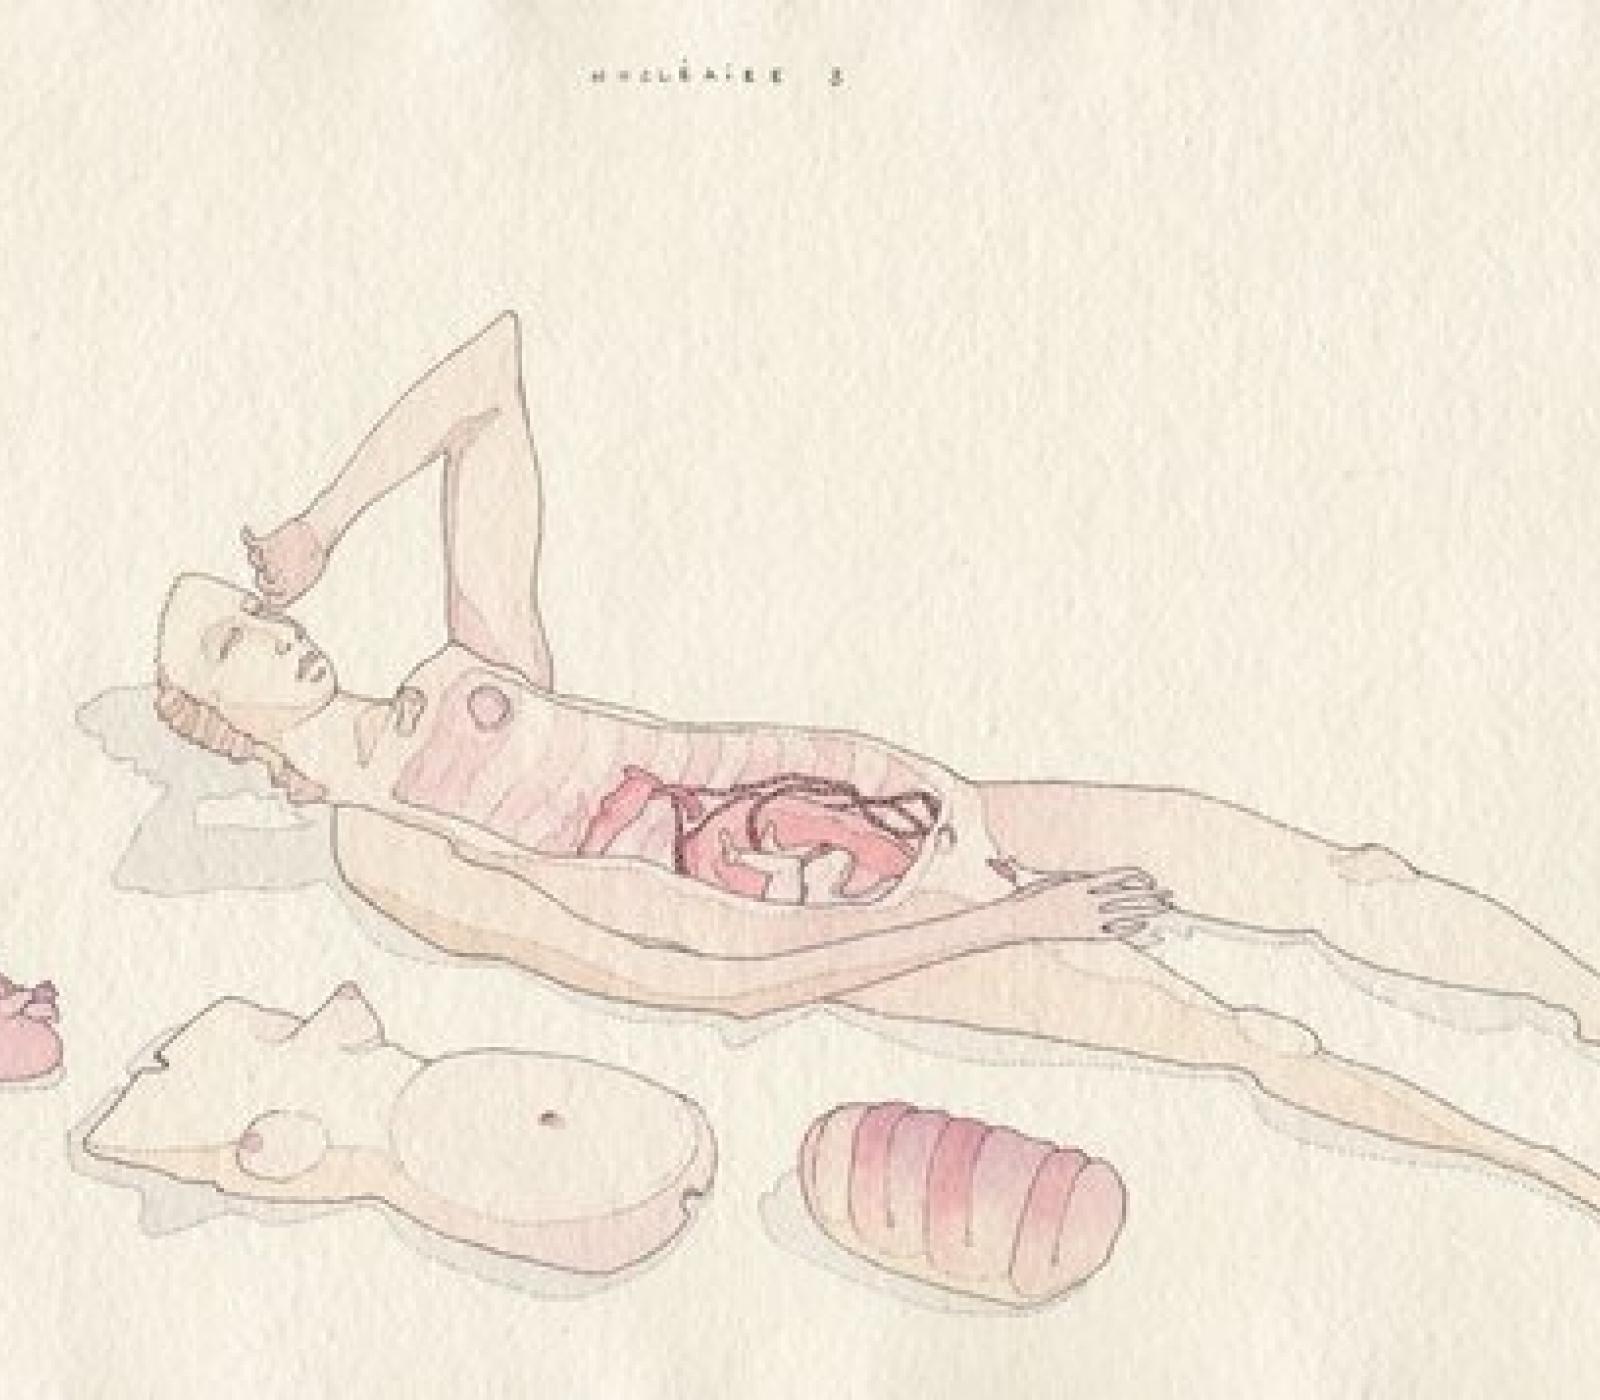 <b>Clément Bataille</b>, <em>Poupée</em>, Encre et aquarelle sur papier recyclé, 2020 /40x29cm